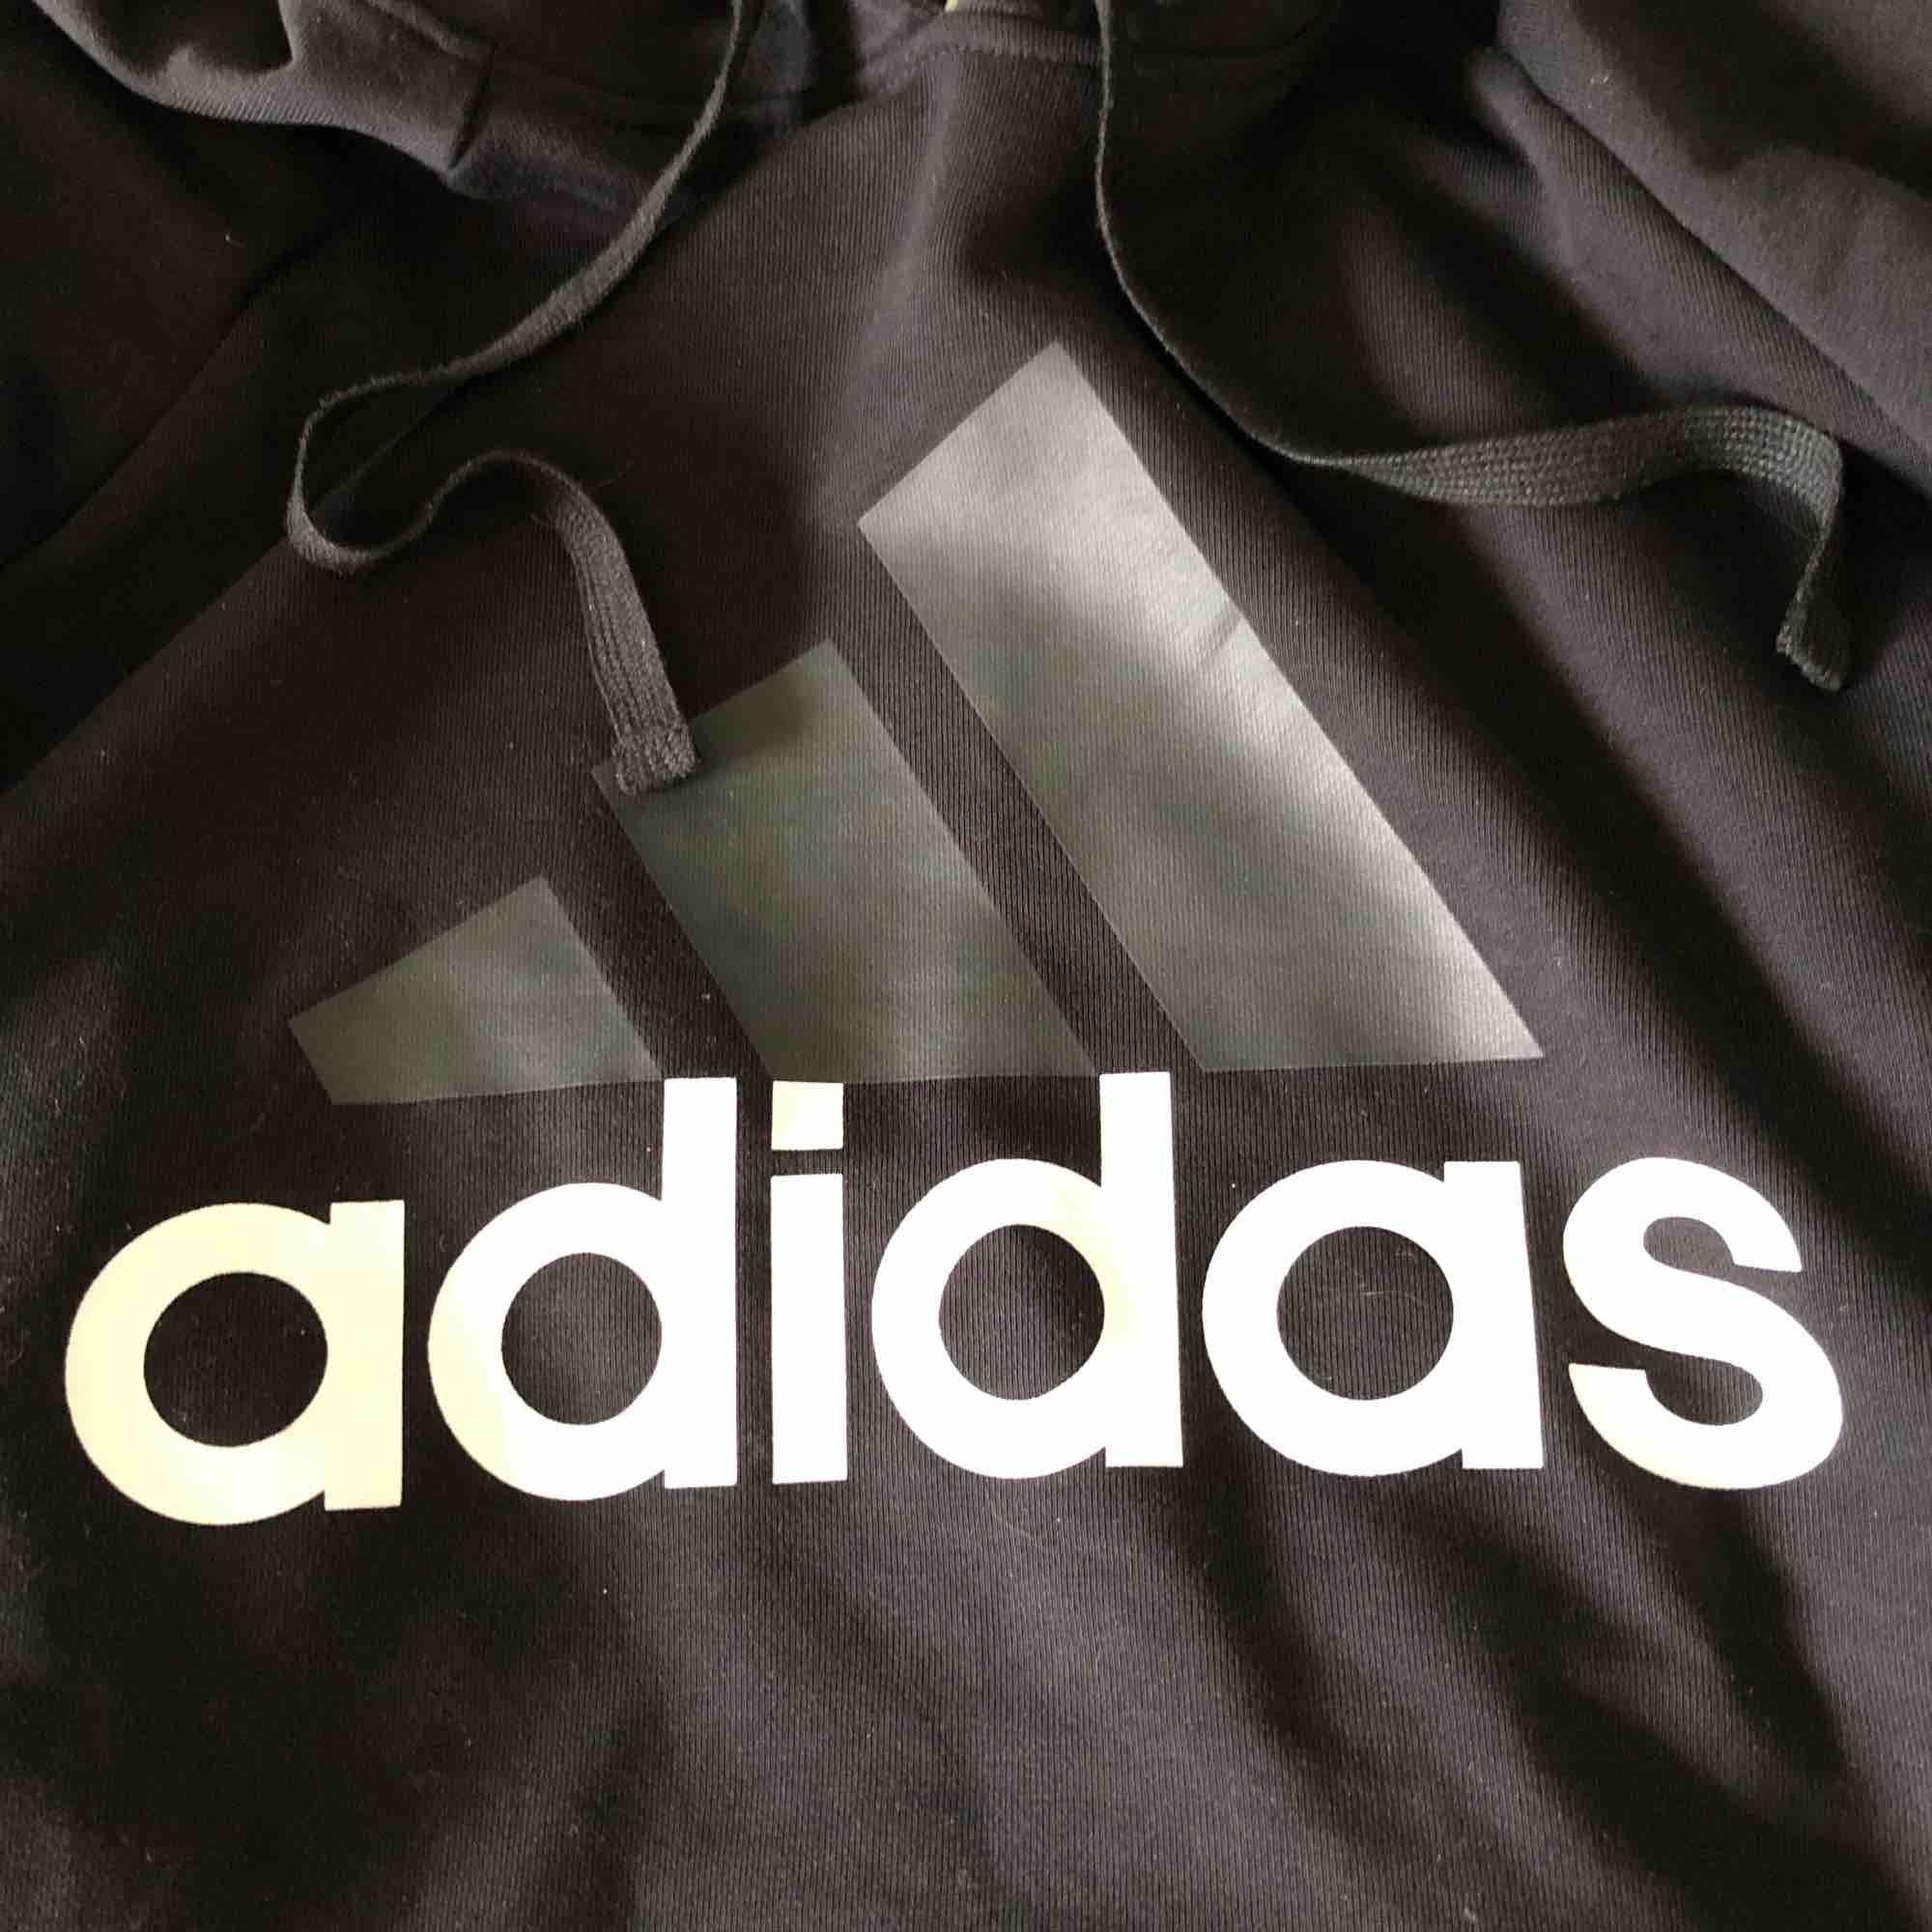 Supersnygg Adidas hoodie i nyskick som tyvärr används alldeles för lite! Storlek S men passar Xs-M beroende på hur man vill att den ska sitta. Köparen står för eventuell frakt. Huvtröjor & Träningströjor.